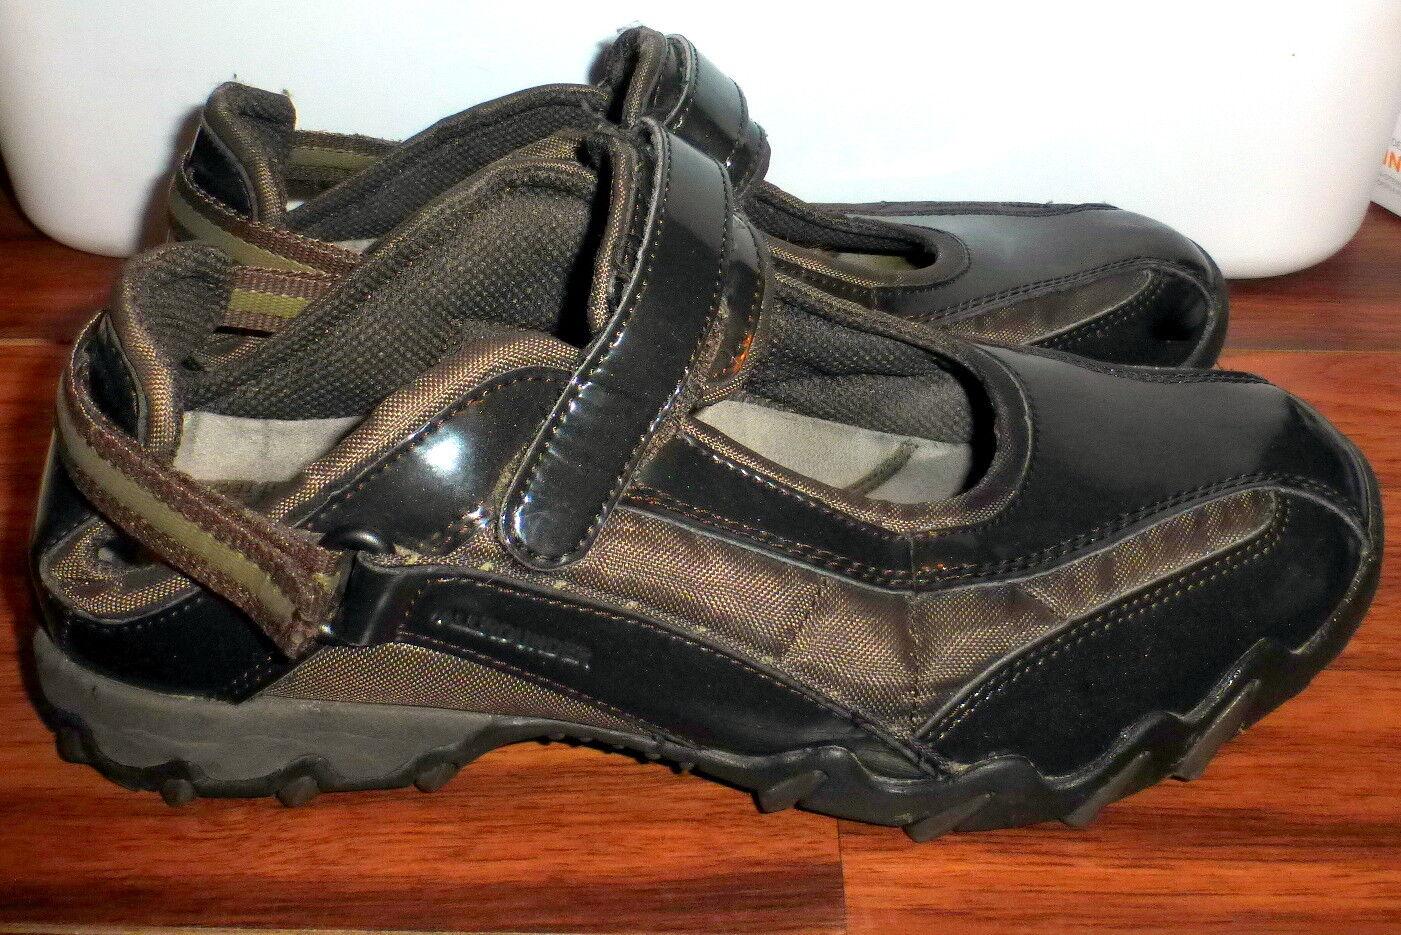 Damenschuhe MEPHISTO ALLROUNDER NIMBO PATENT MARY JANE WALKING HIKING TRAIL Schuhe 8.5